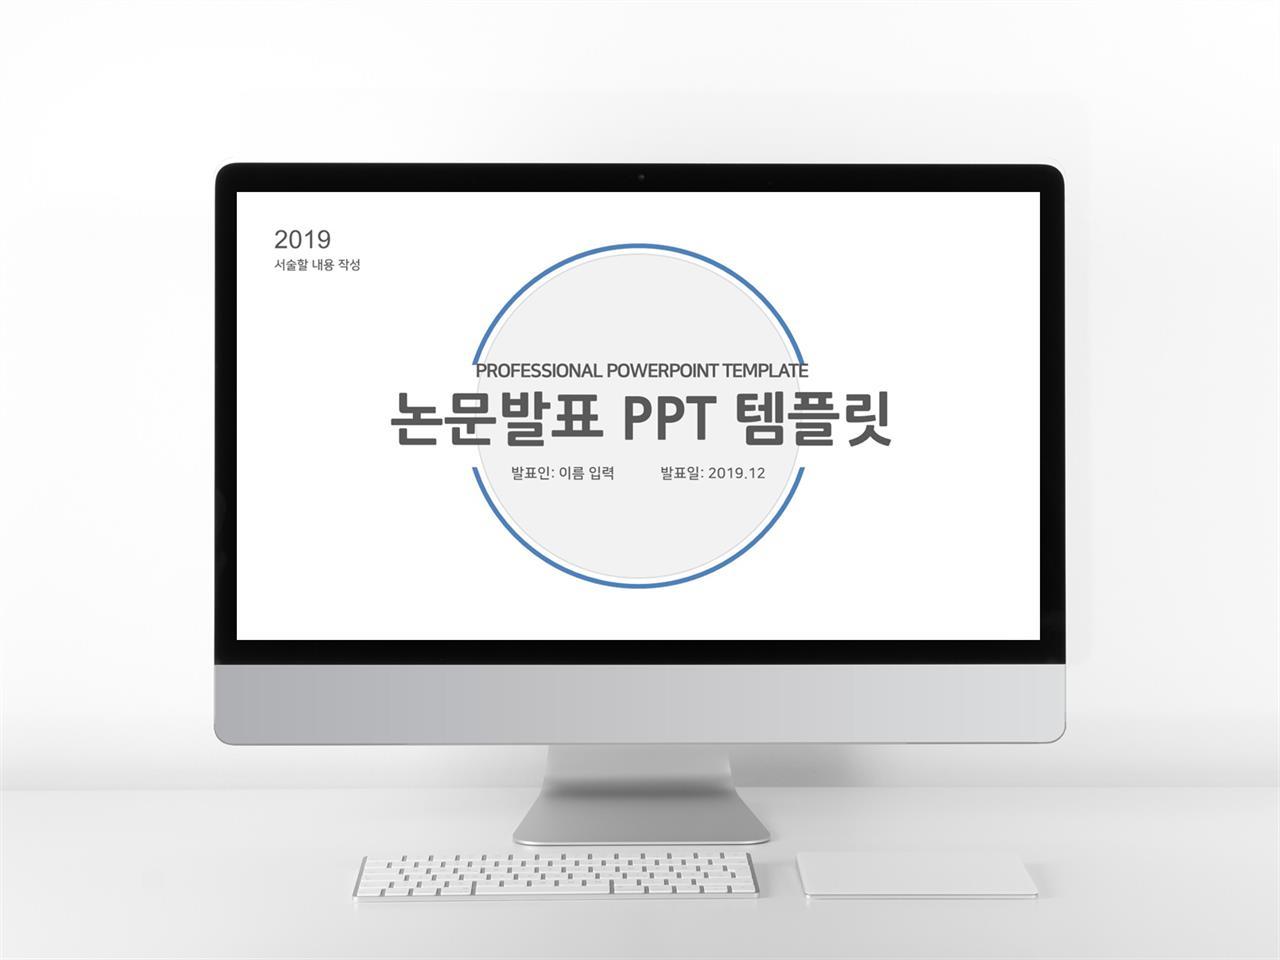 논문발표 컬러 간략한 다양한 주제에 어울리는 POWERPOINT탬플릿 디자인 미리보기